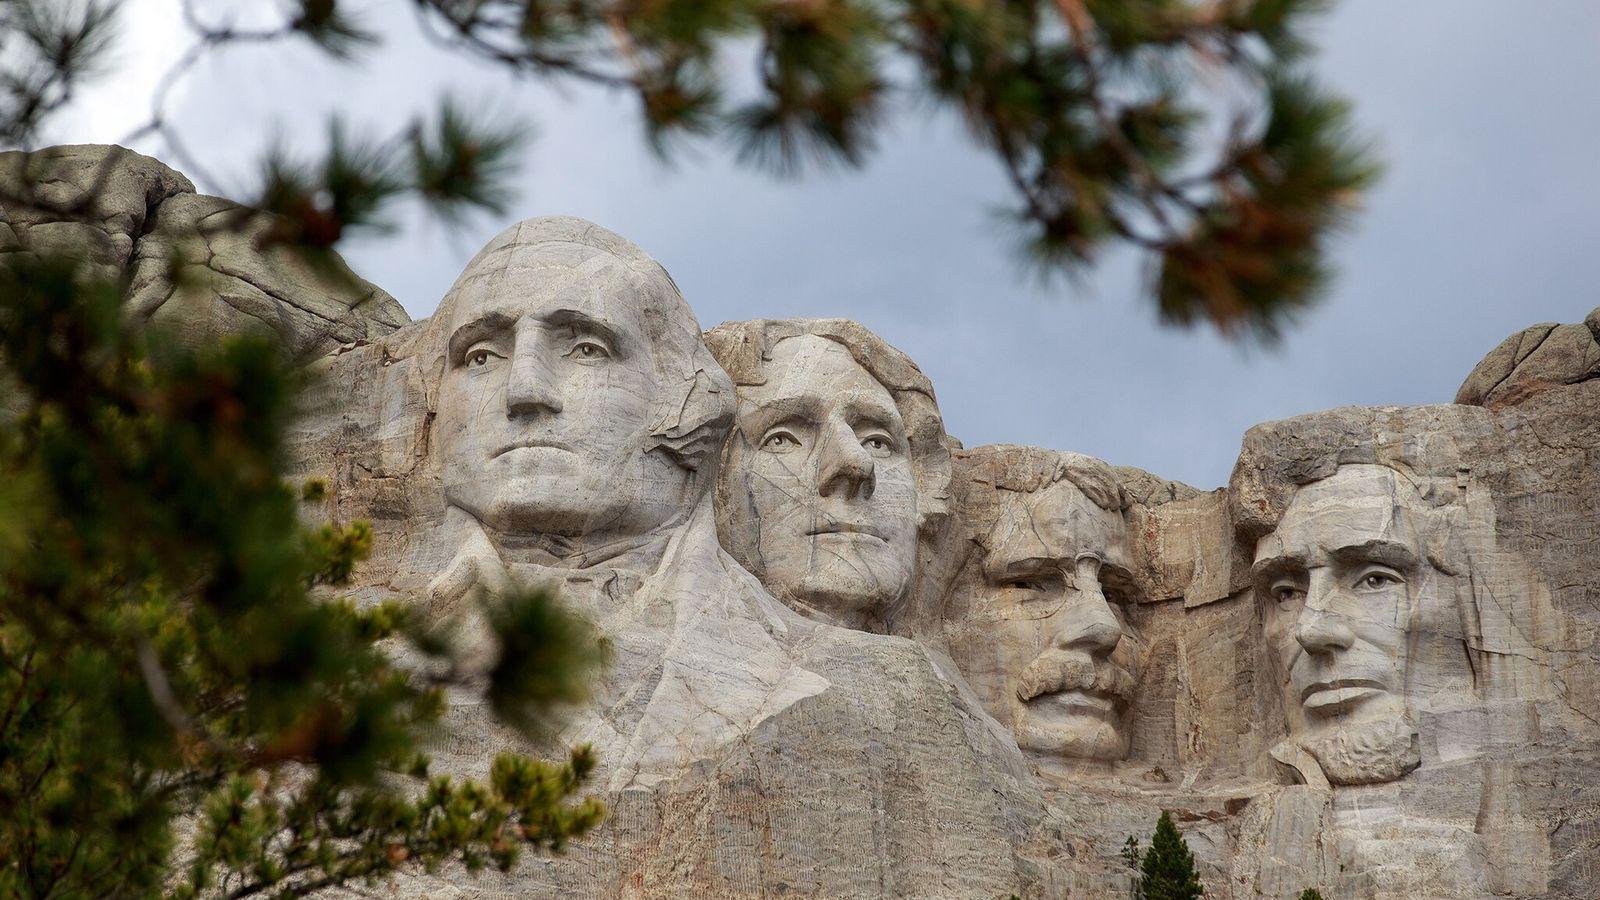 O Memorial Nacional do Monte Rushmore em Keystone, no Dakota do Sul, foi esculpido entre 1927 e ...